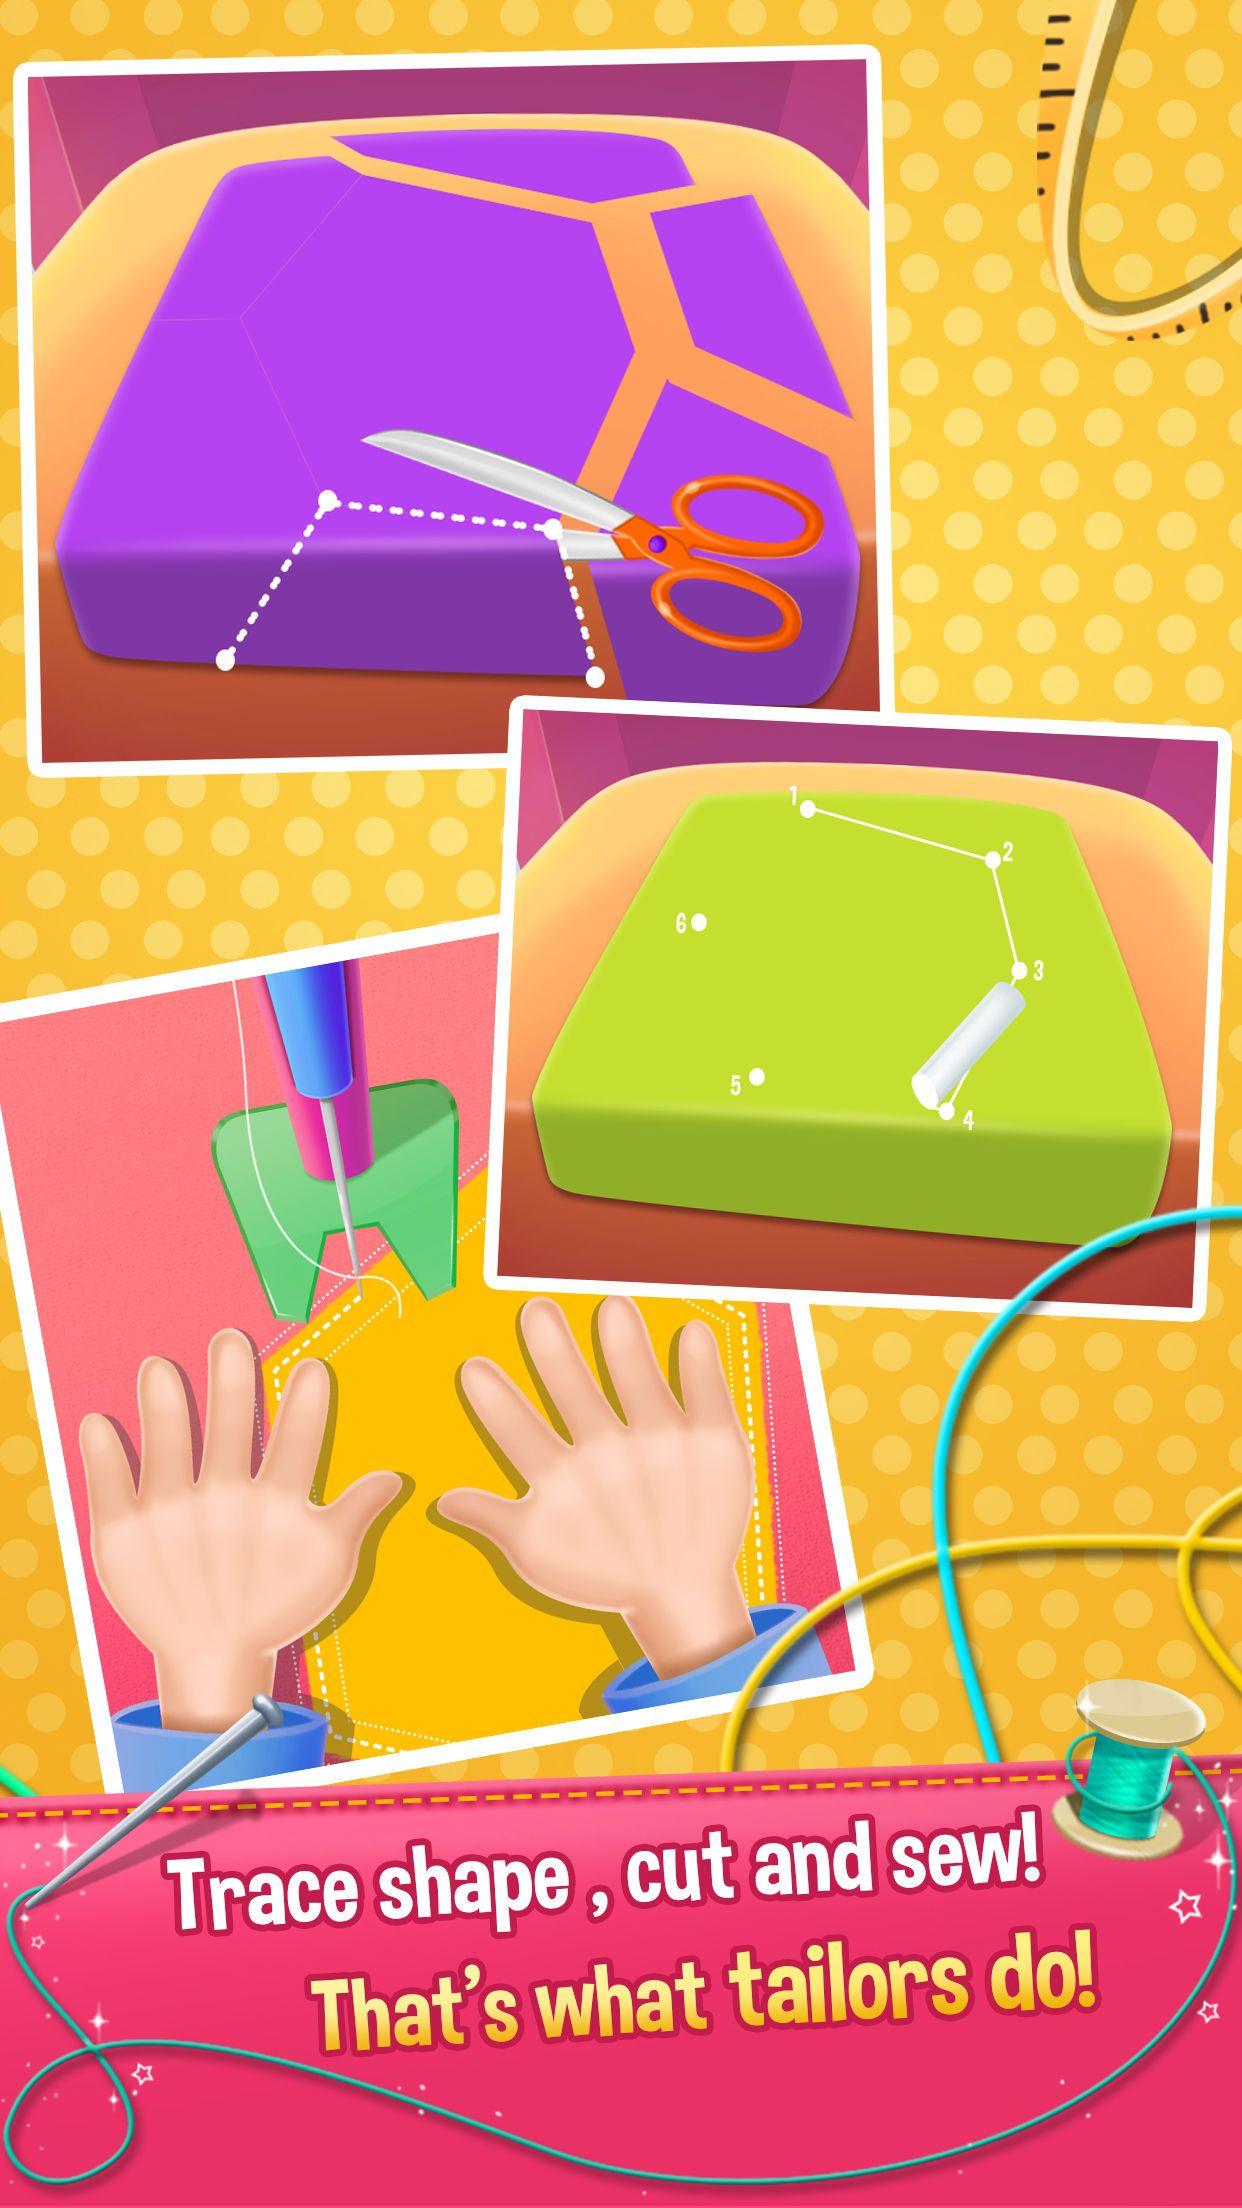 神奇公主花园换装秀沙龙游戏安卓版图2: